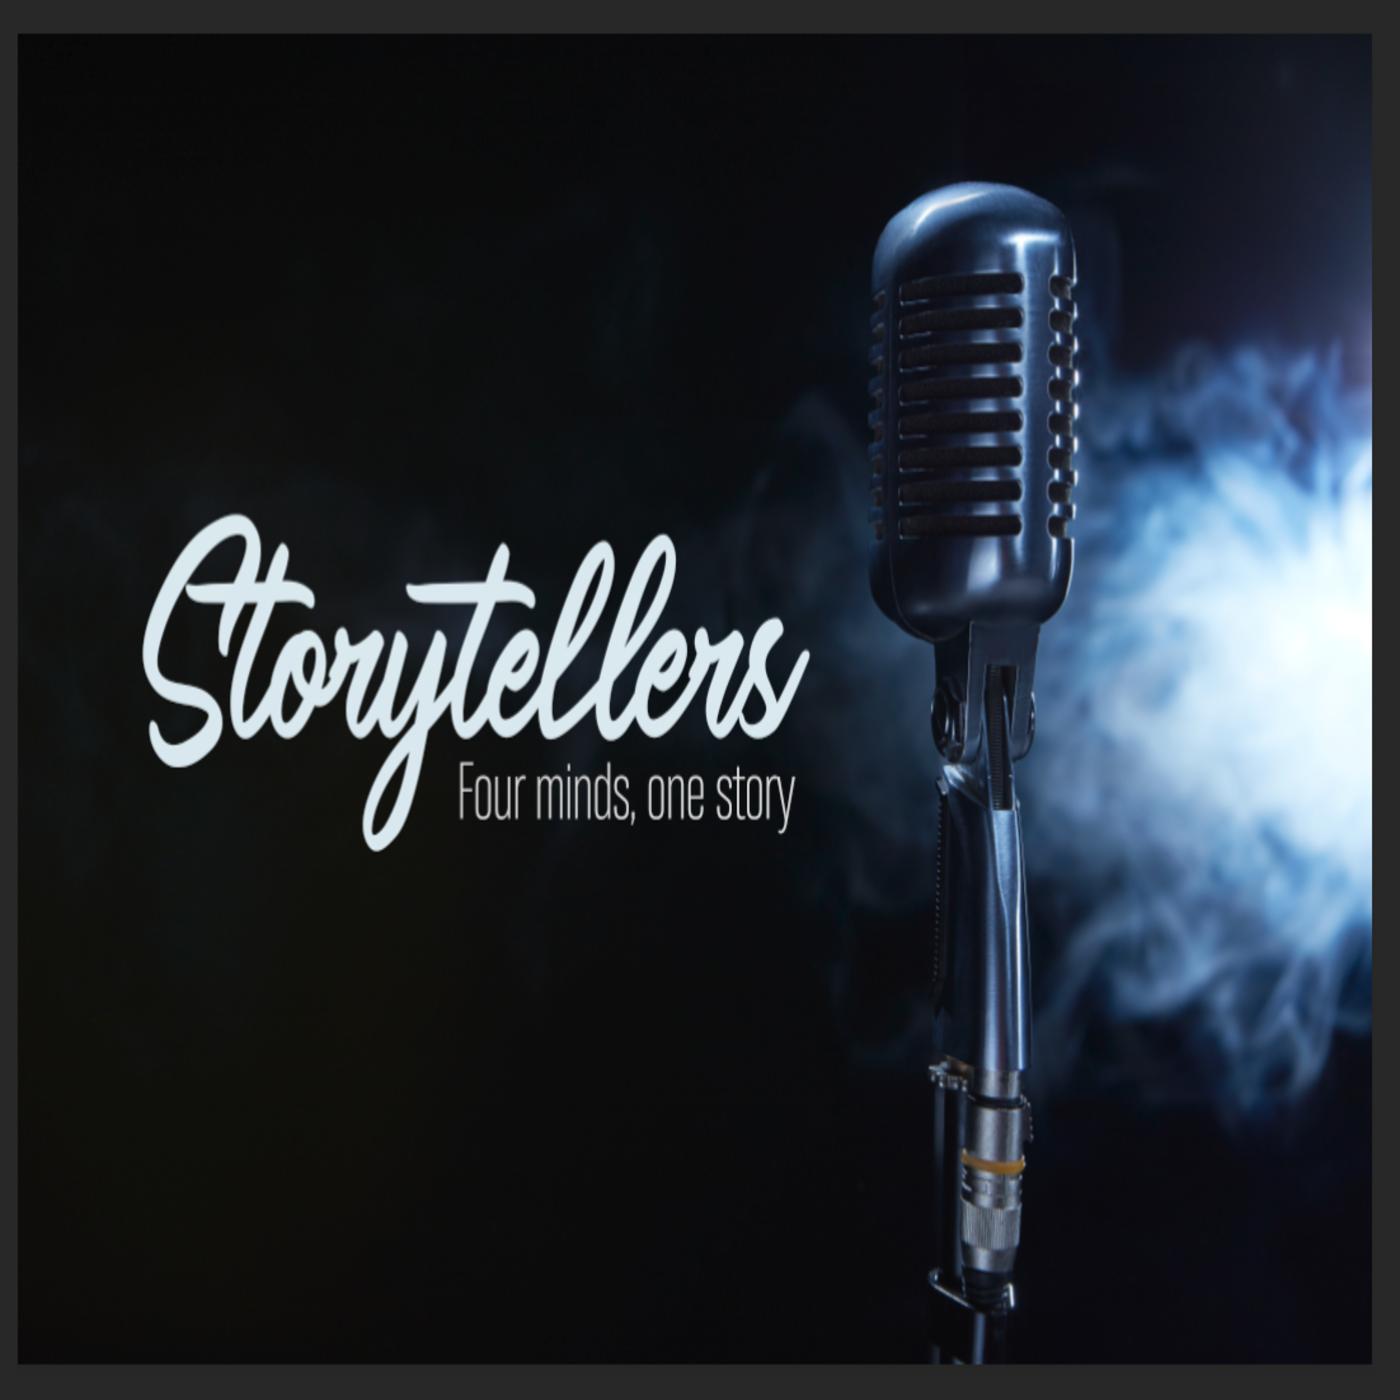 Storytellers show art